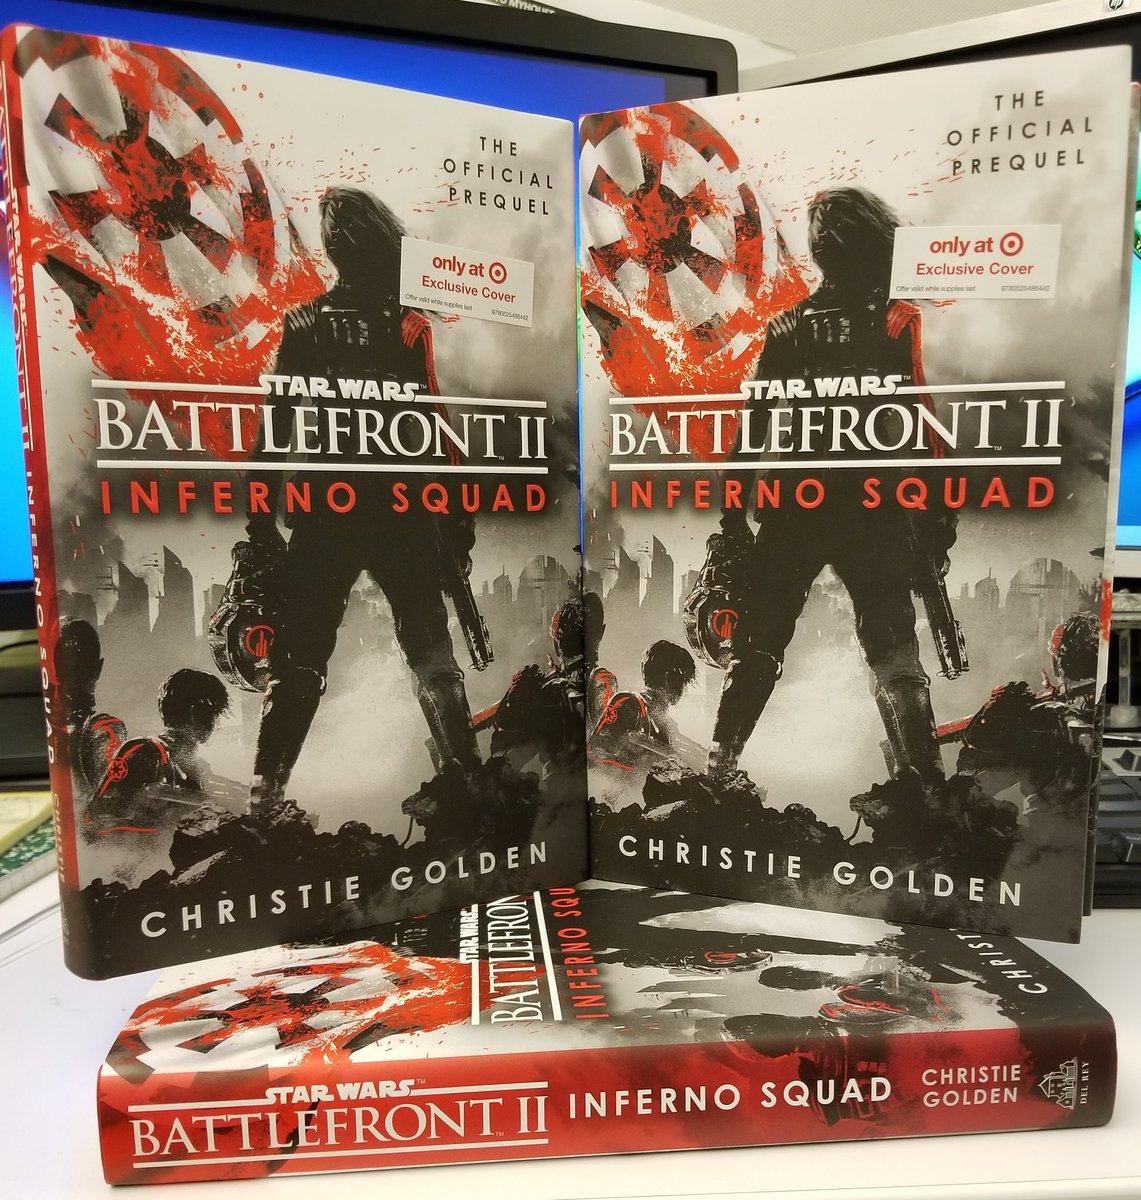 Star Wars Battlefront II Christie Golden